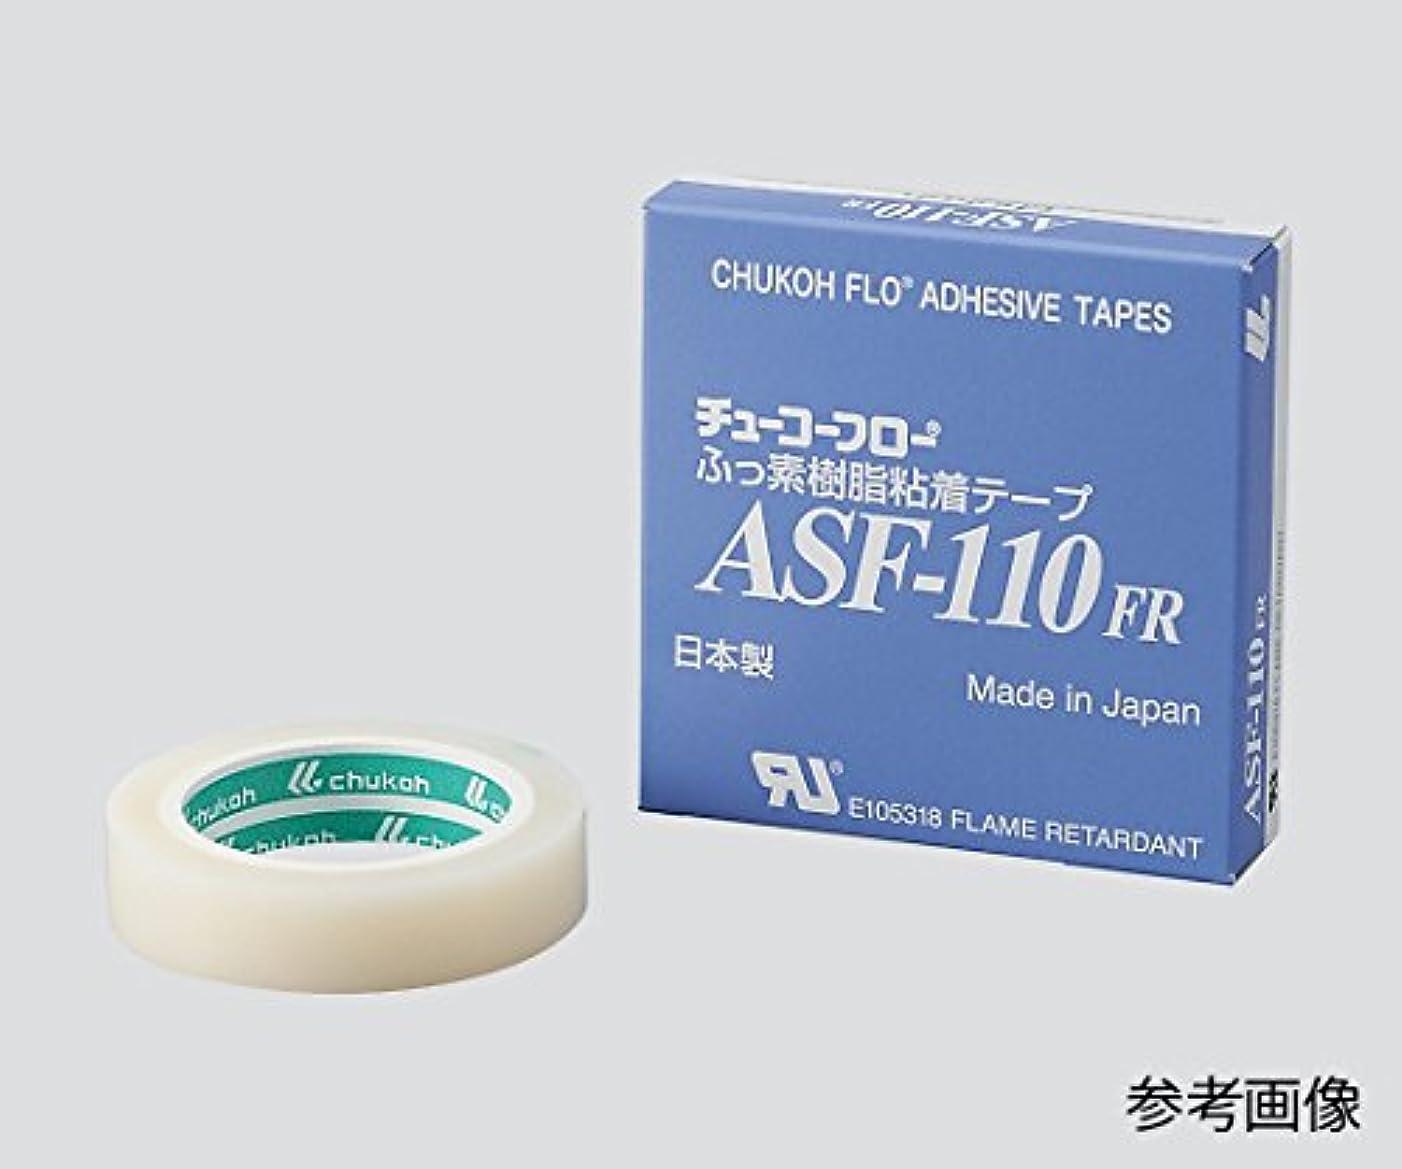 チャレンジ多様体うめき中興化成工業 チューコーフロー粘着テープ ASF-110 8309